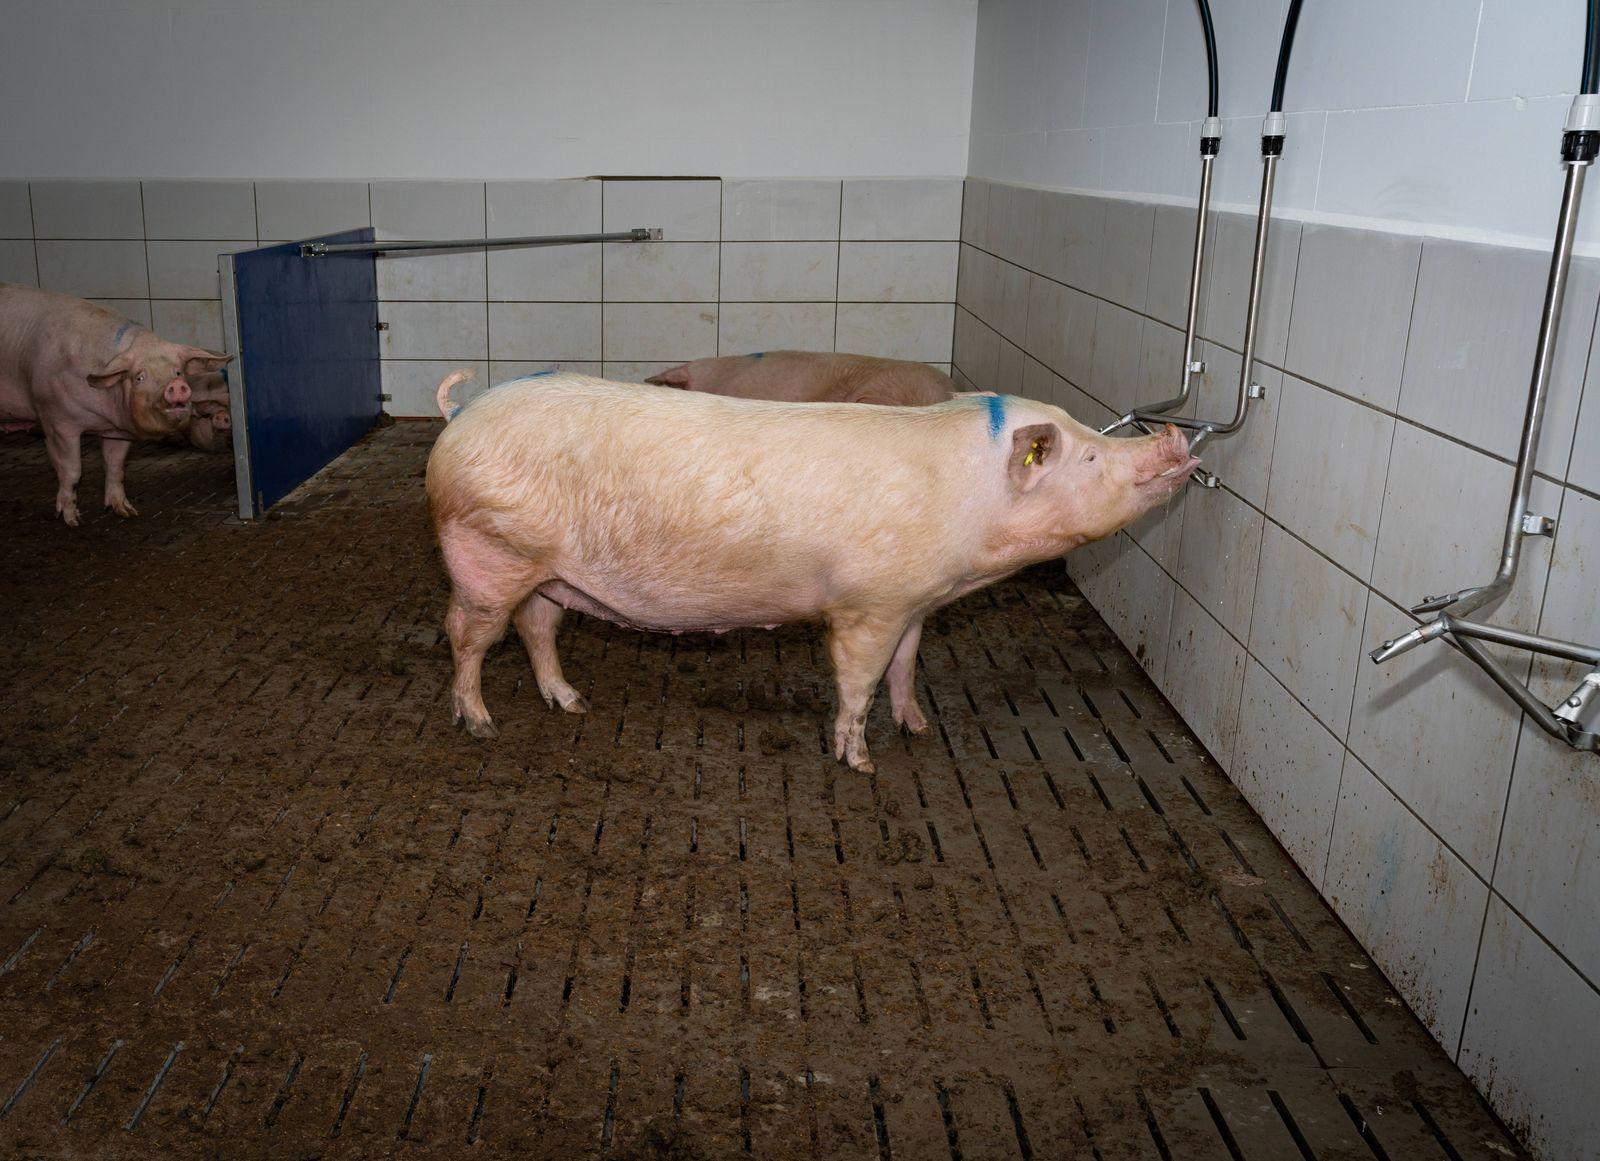 Schweinestall - Neubau, freilaufende Sauen in Gruppenhaltung. Innenansicht eines neu erbauten Sauenstalles nach neuesten